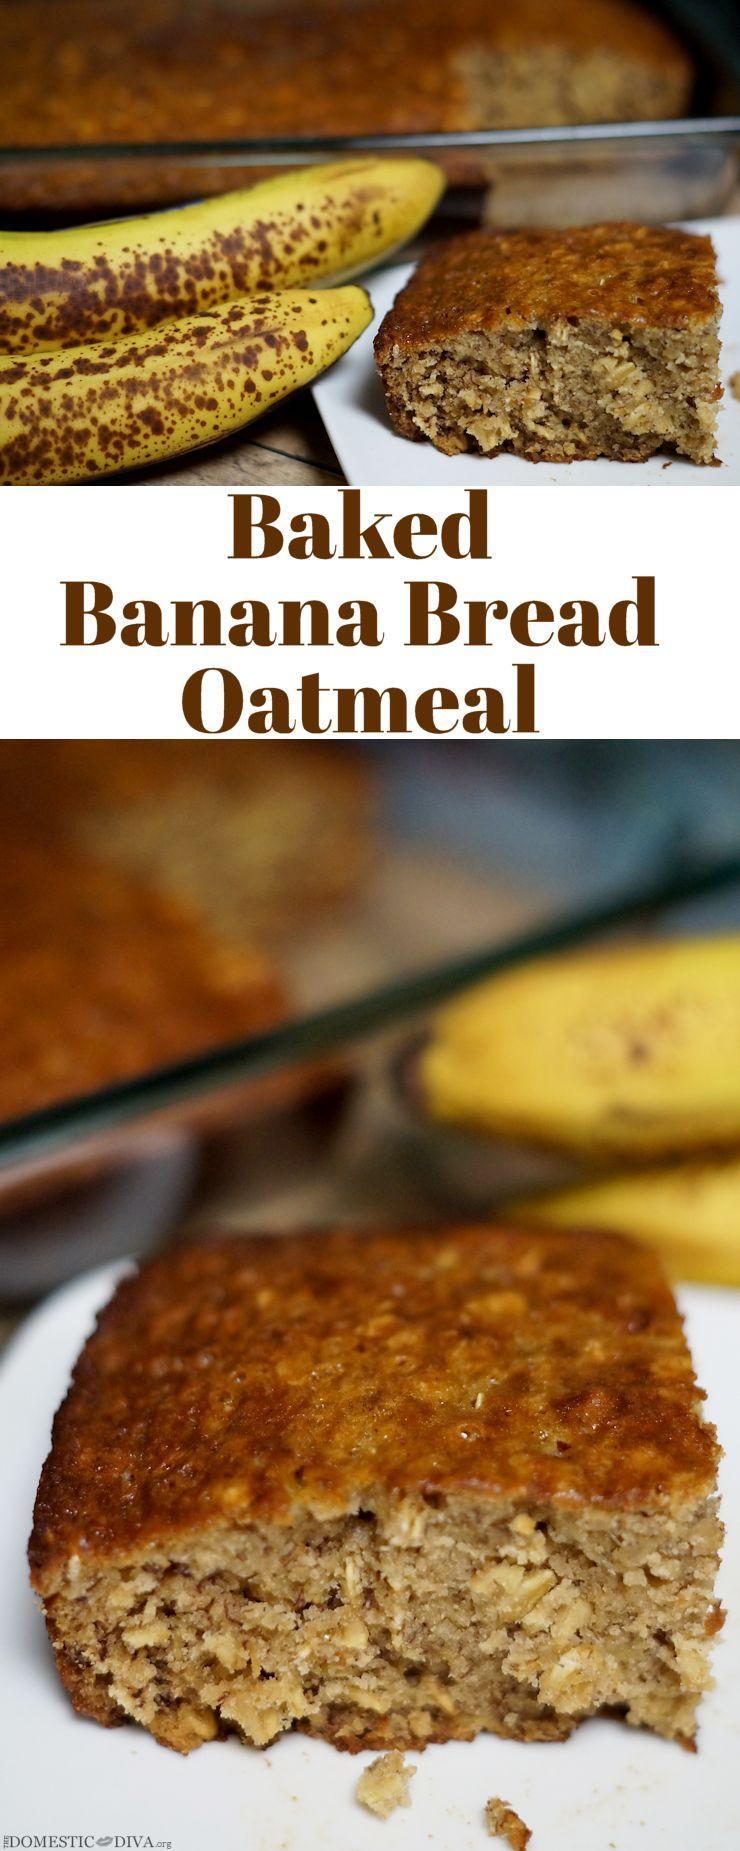 Baked Banana Bread Oatmeal Recipe